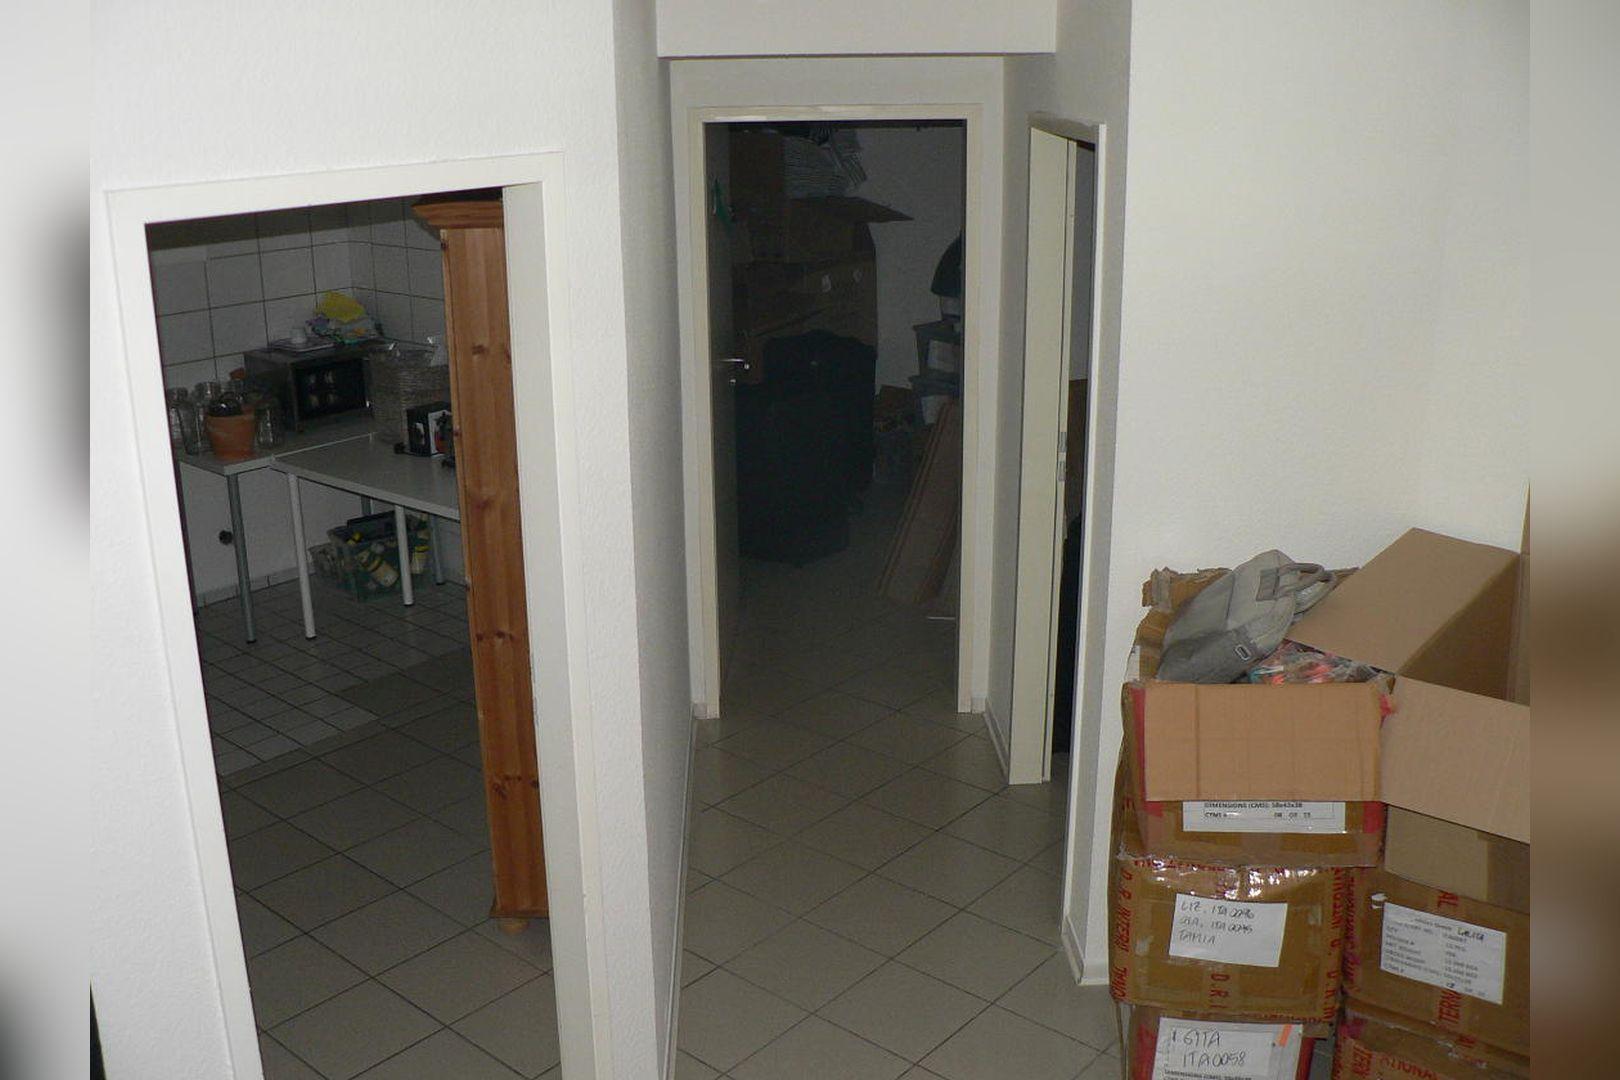 Immobilie Nr.0229 - Ladenlokal mit Lagerflächen, Teeküche, WC-Anlage u. Stellplatz - Bild 9.jpg